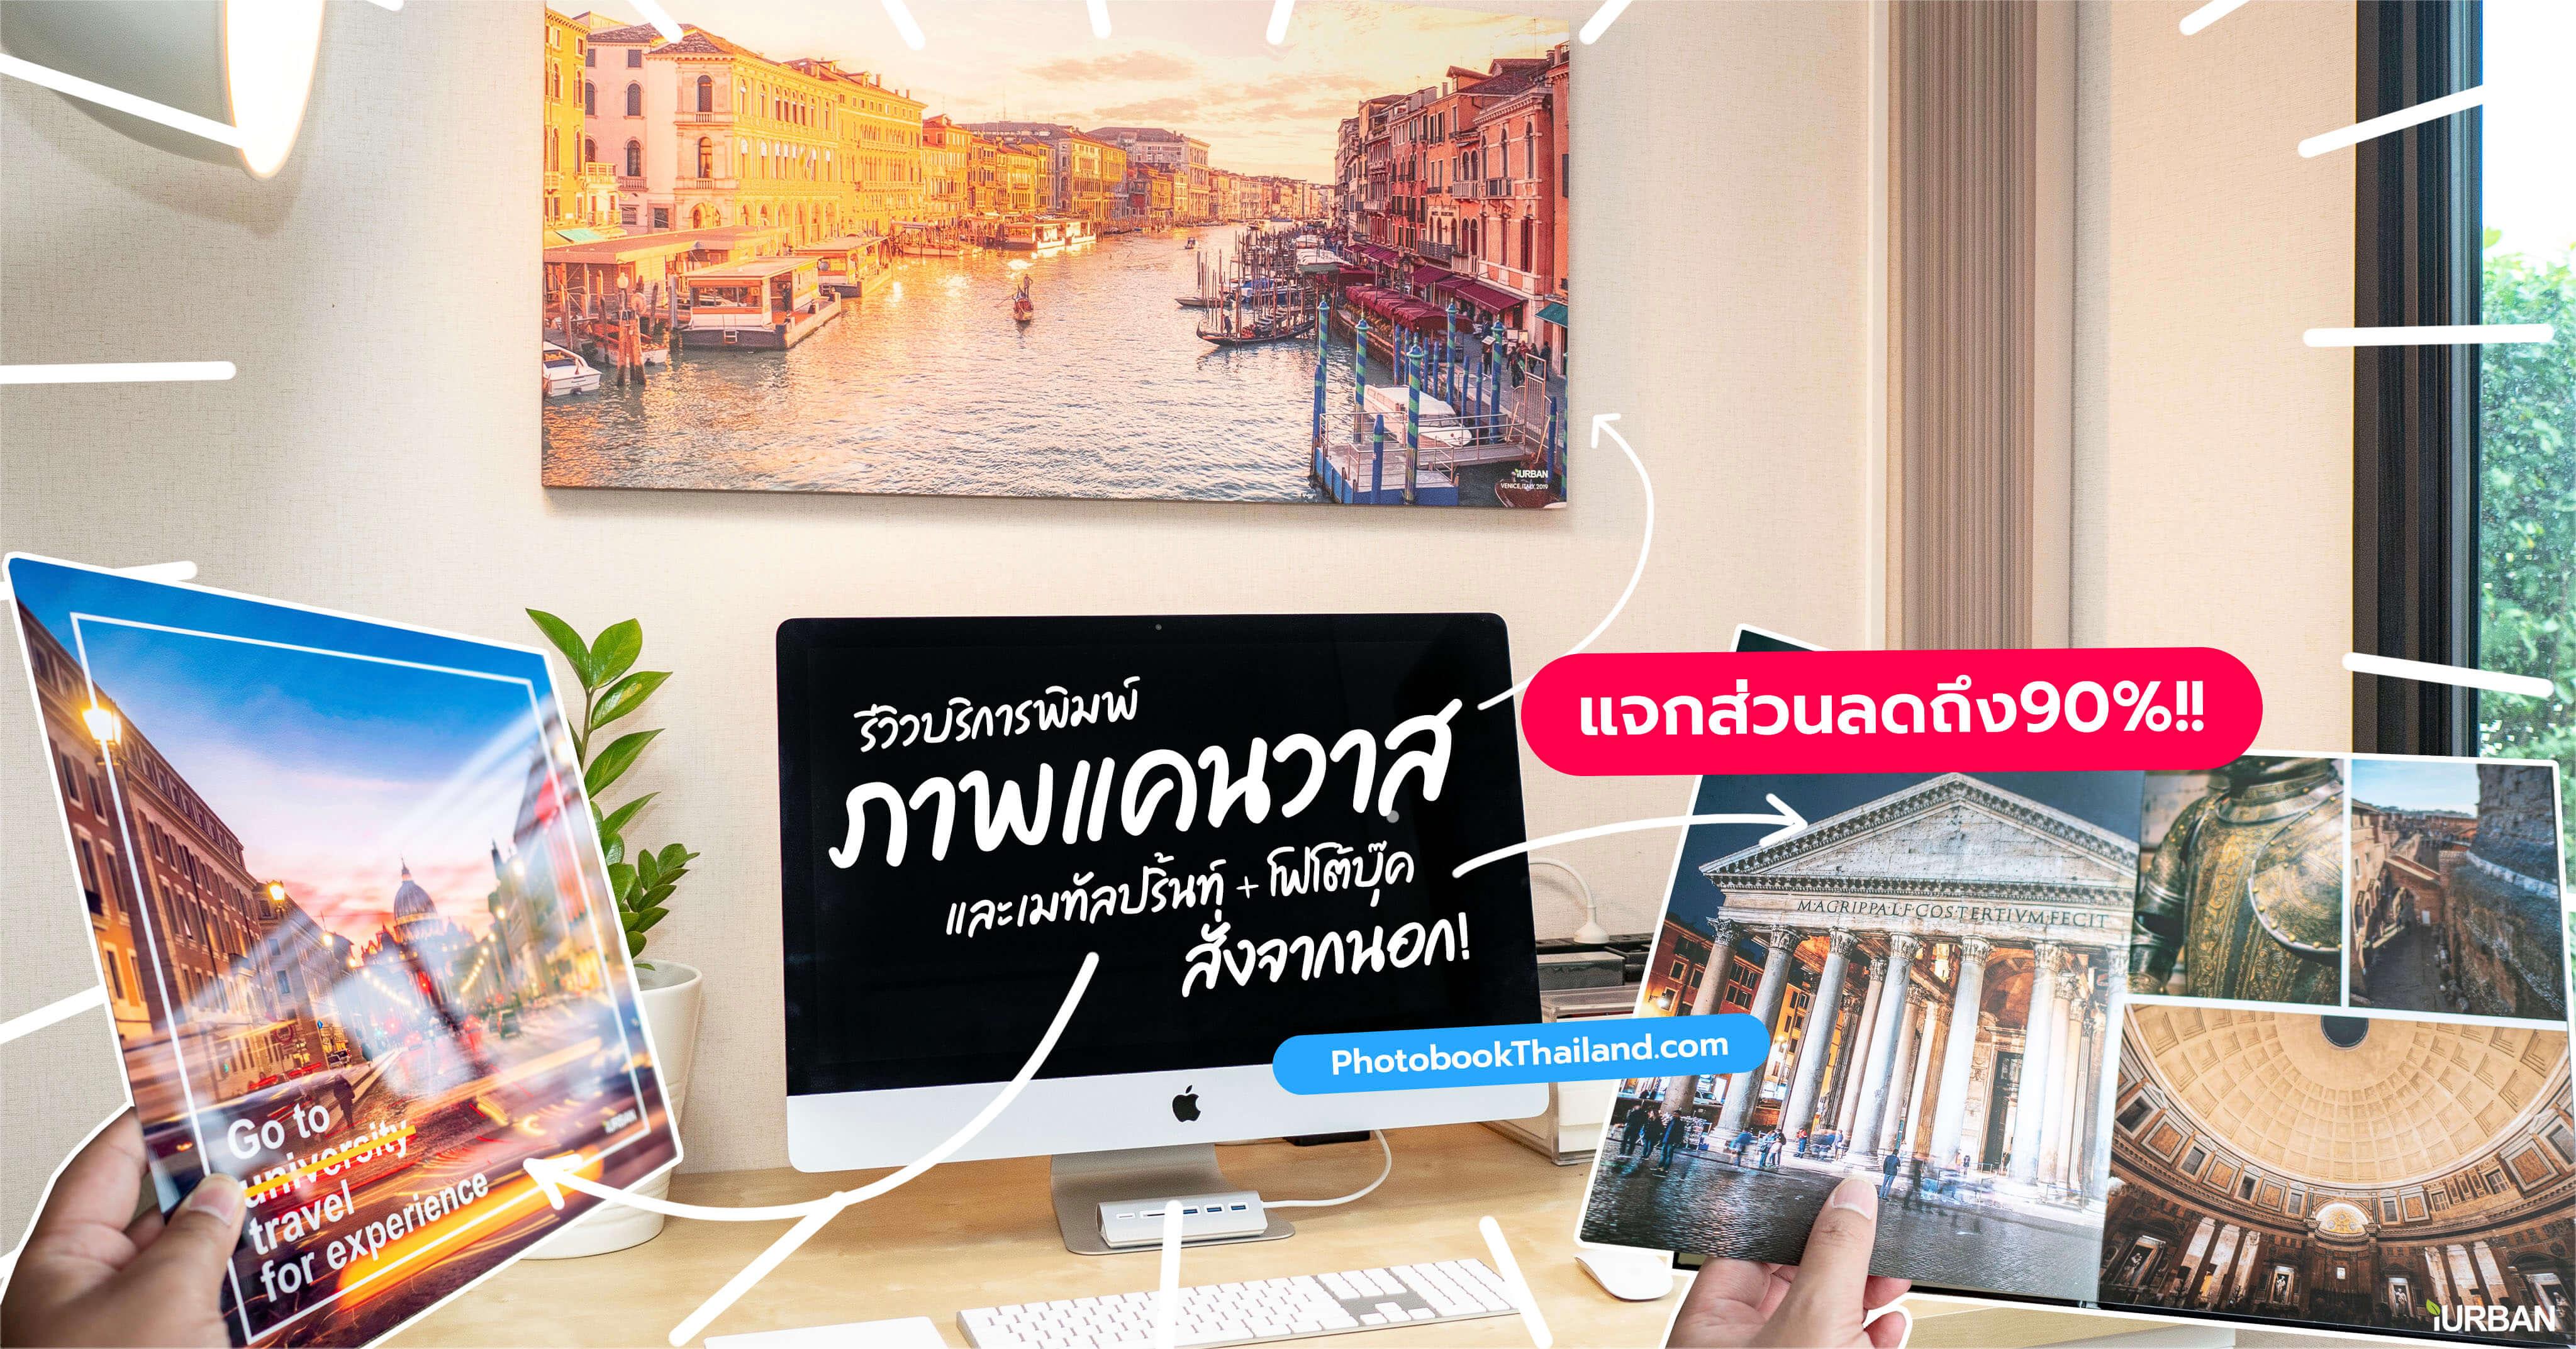 รีวิว 3 บริการจาก Photobook ภาพติดผนัง แคนวาส คุณภาพระดับโลก ออกแบบเองได้ #แจกโค้ดลด90% 🚨 13 - decor